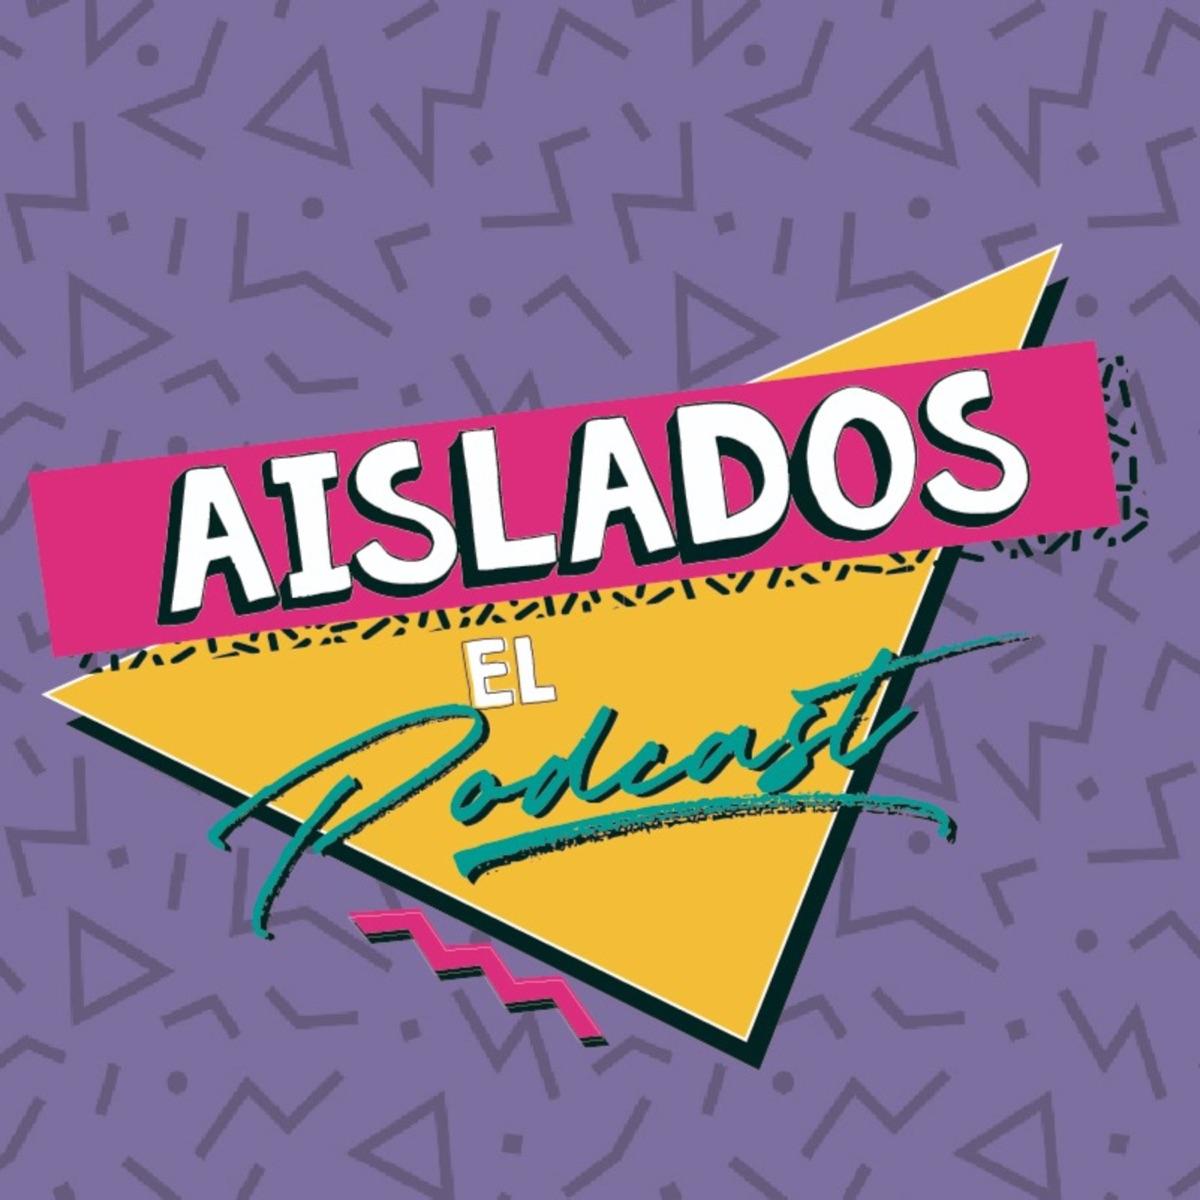 Aislados El Podcast